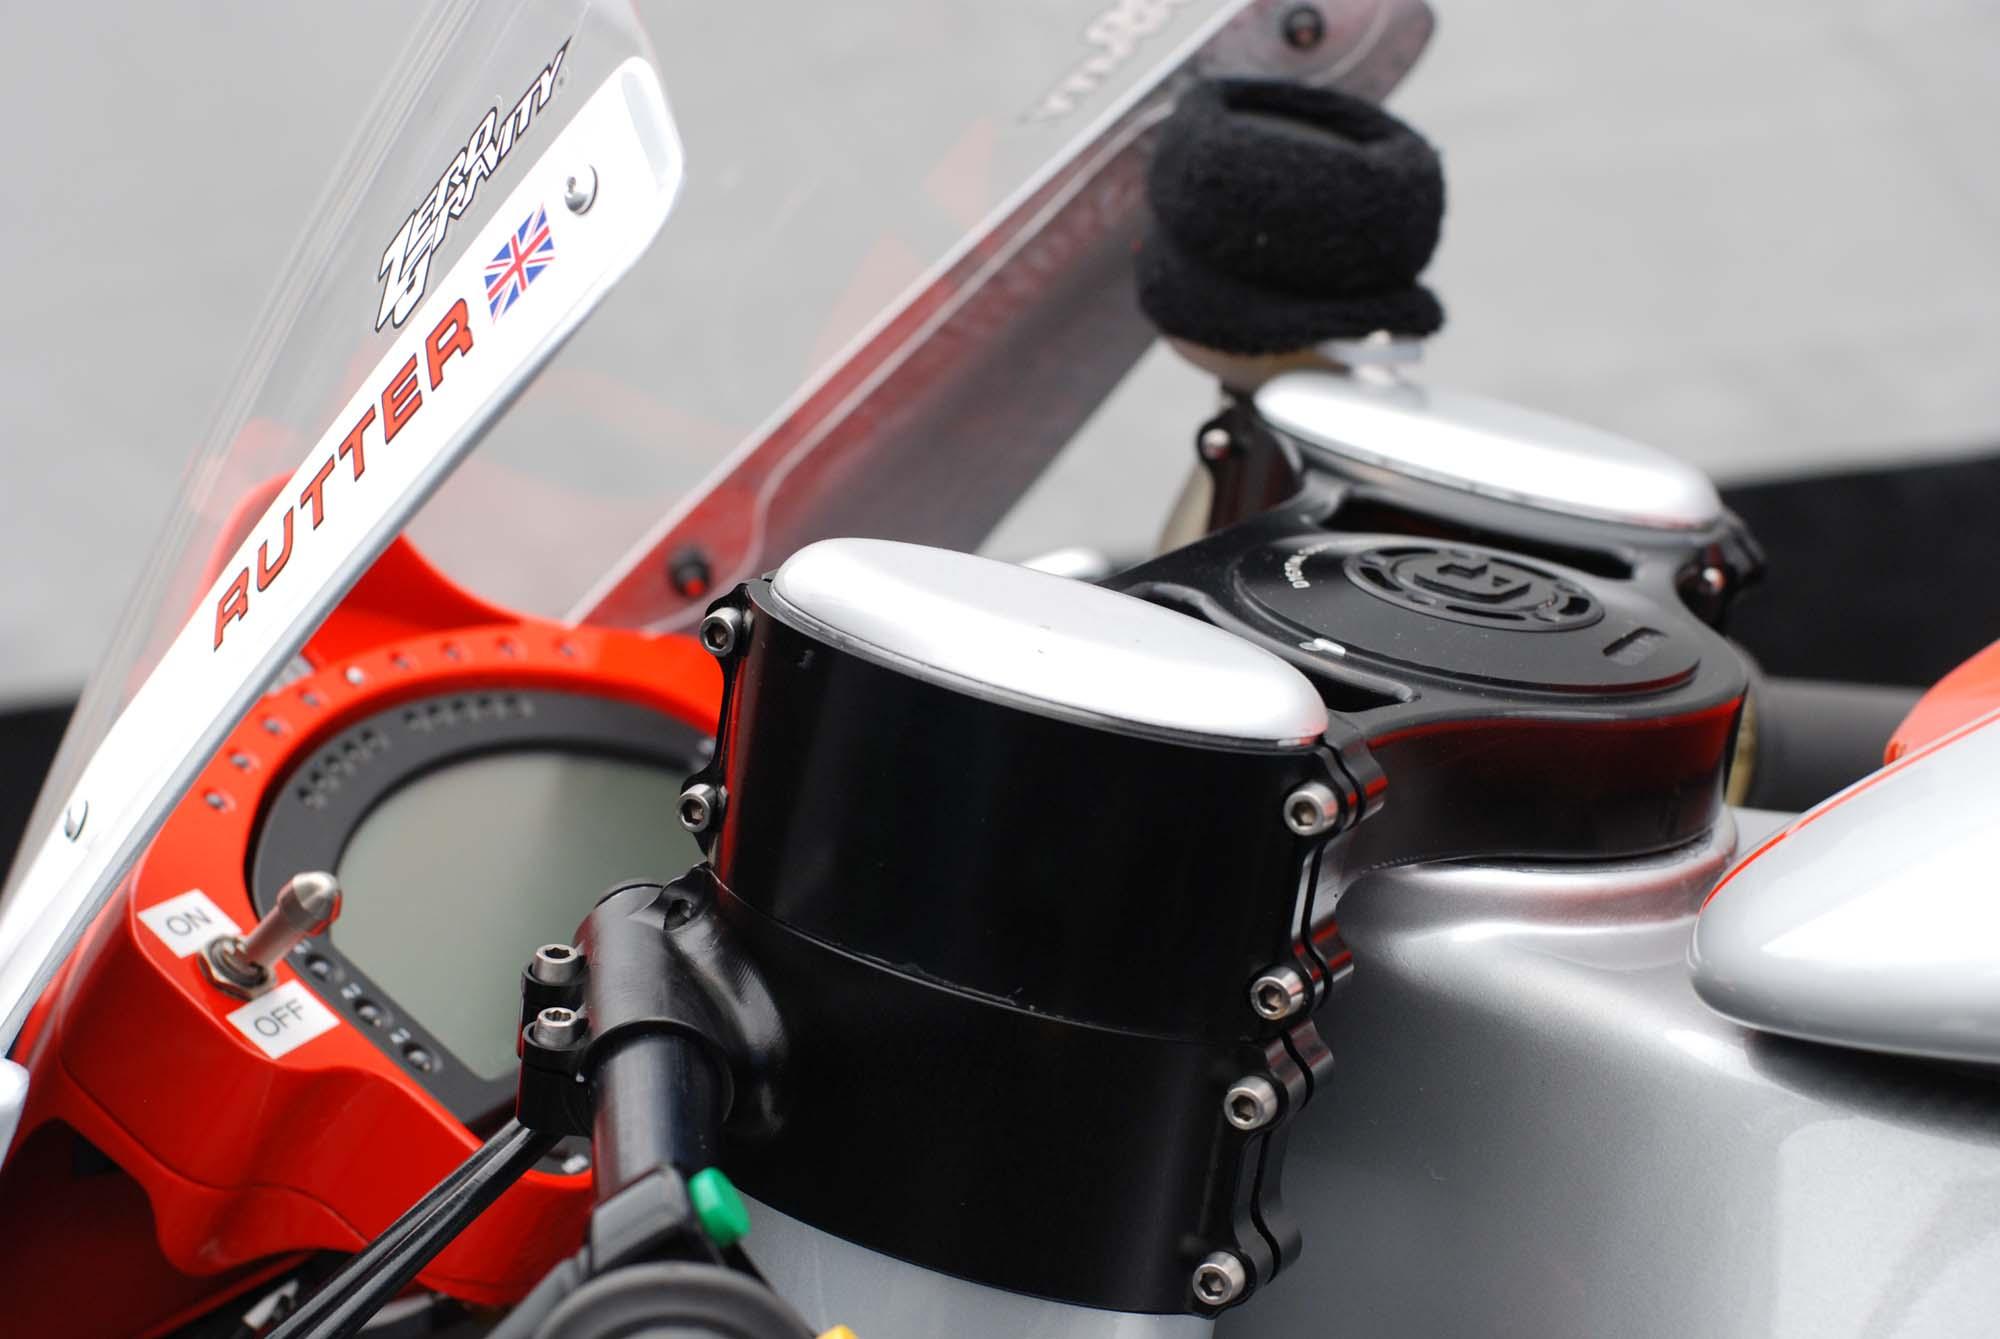 TT Ile de Man 2012-motoczysz-e1pc-15